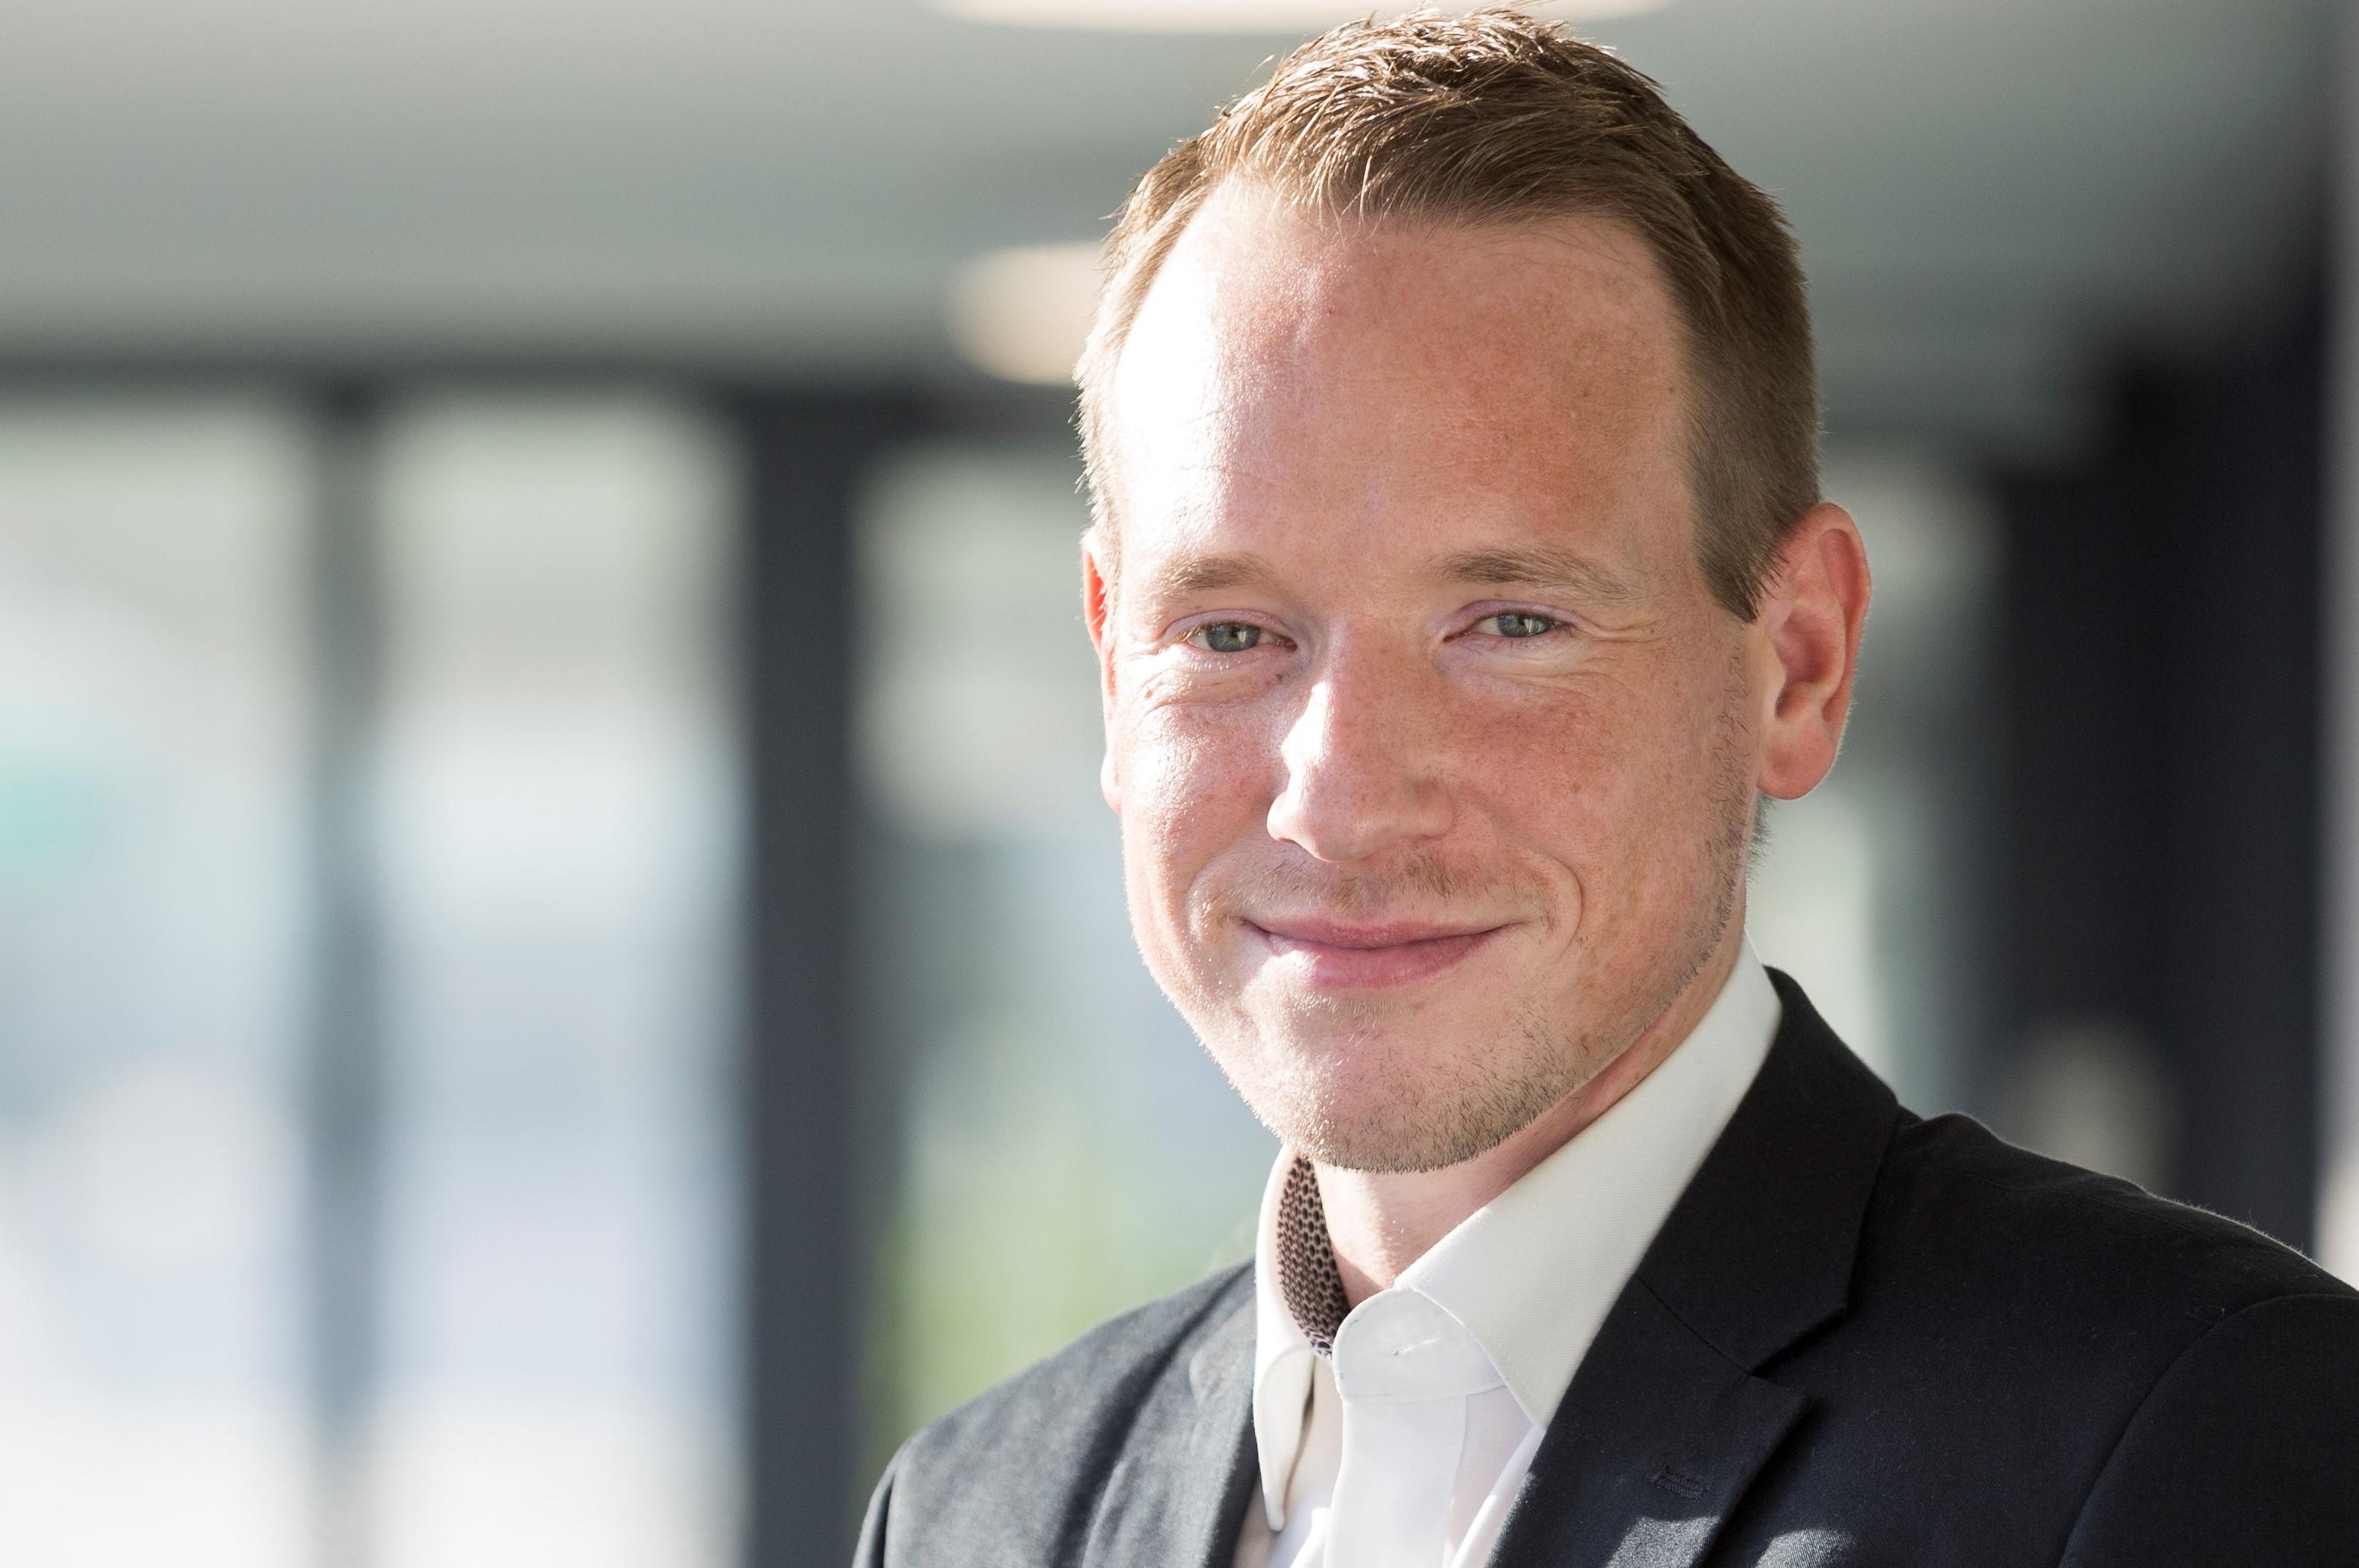 Gerald Swarat leitet hauptberuflich das Berliner Büro des Fraunhofer Instituts für Experimentelles Software Engineering (IESE).